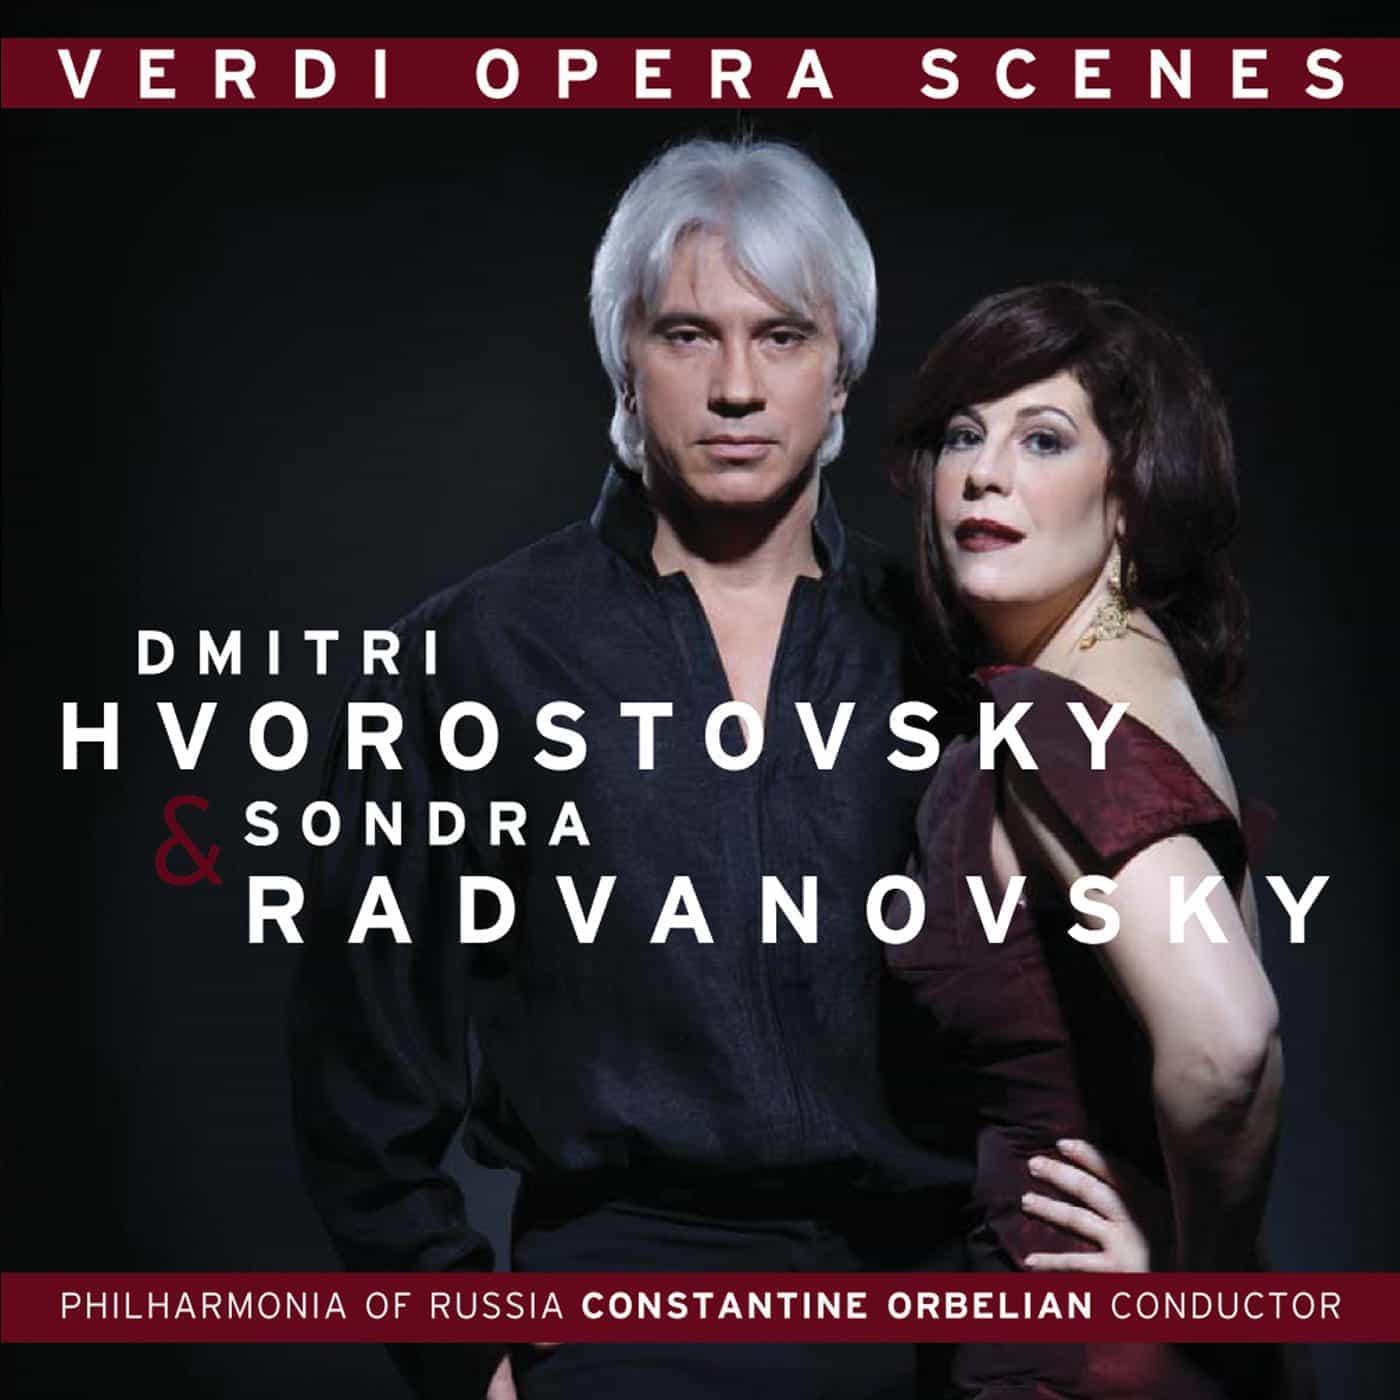 Verdi Opera Scenes